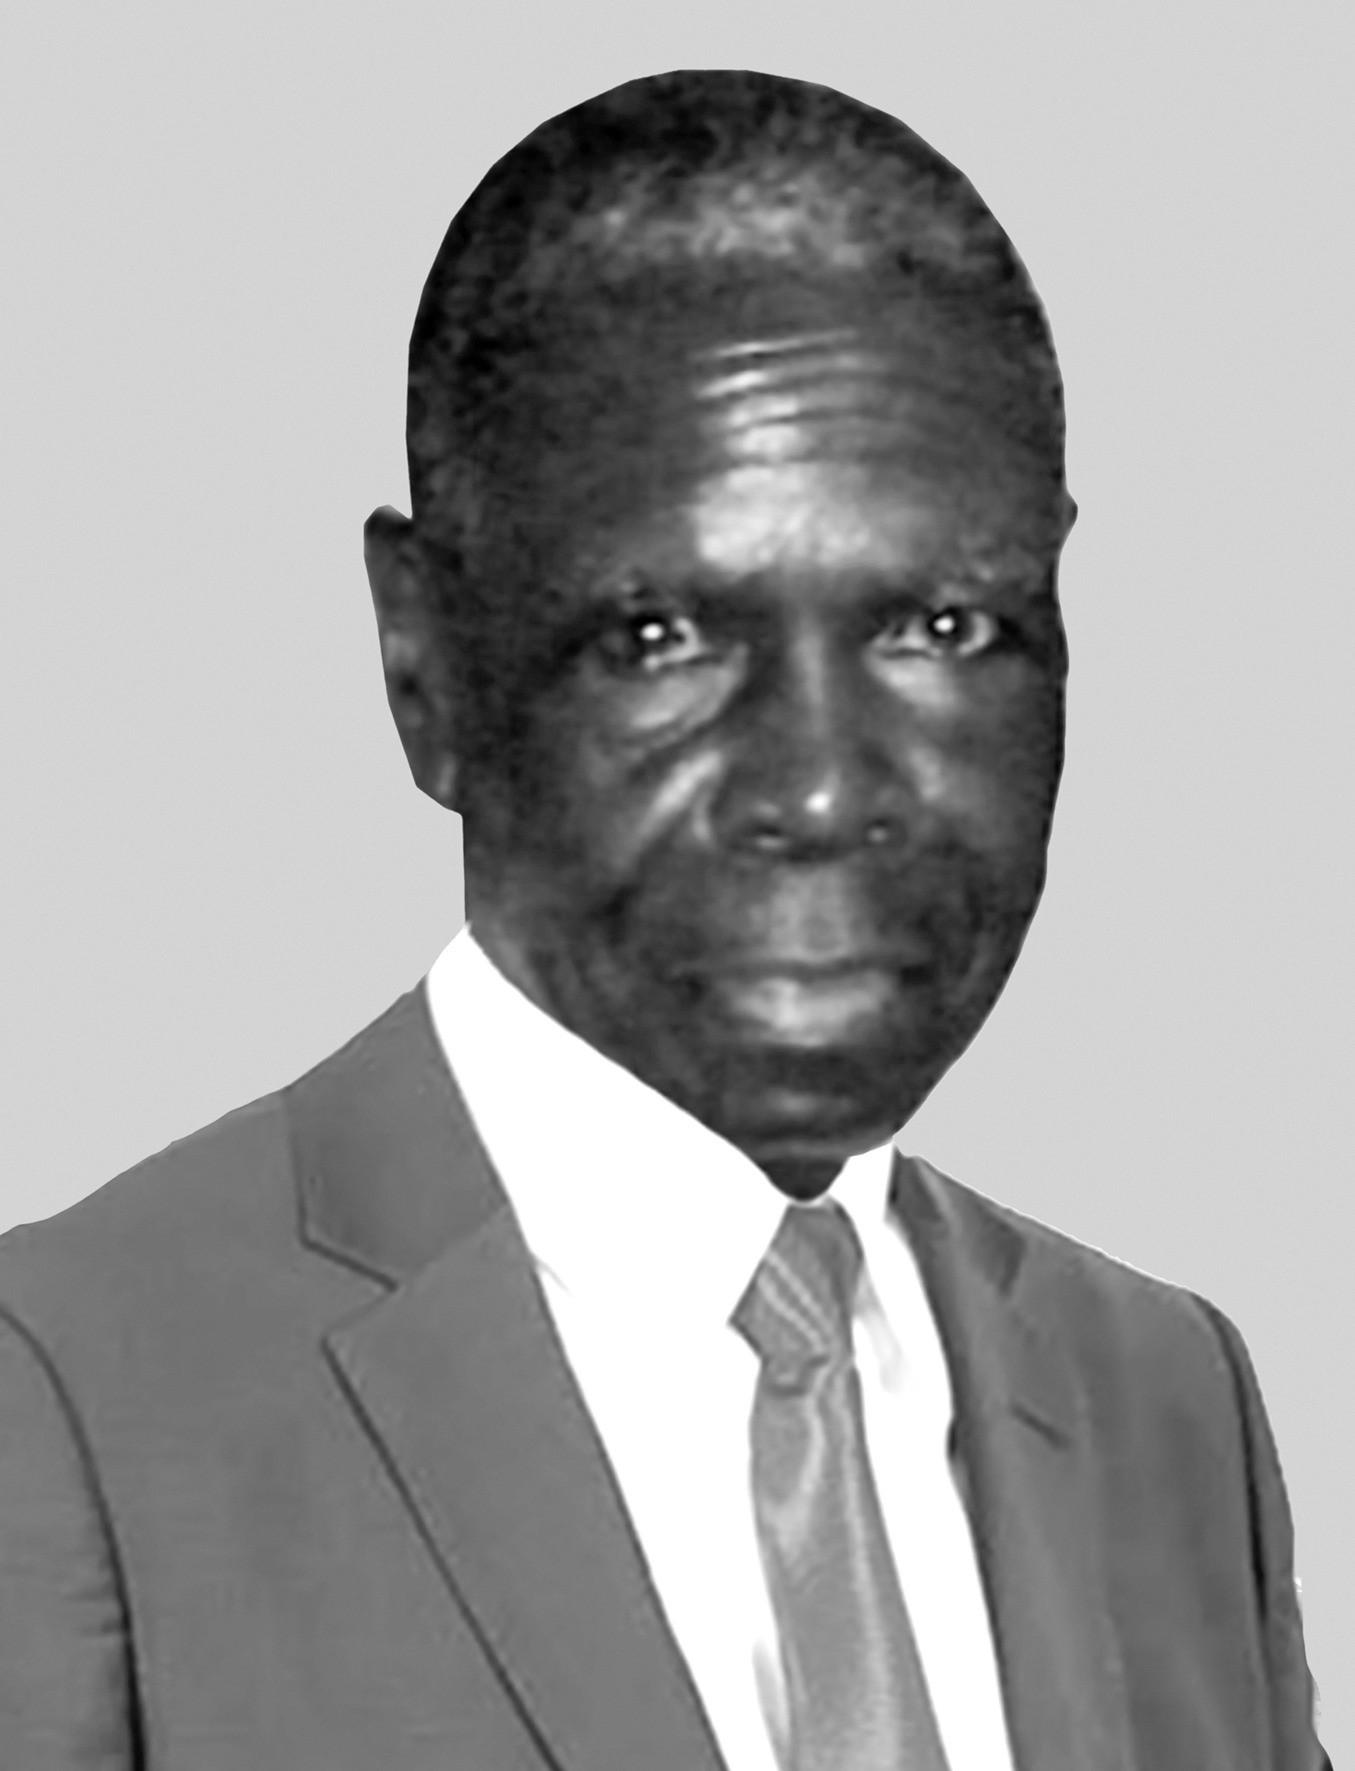 Mzee Peter Ochanji Wamukoya